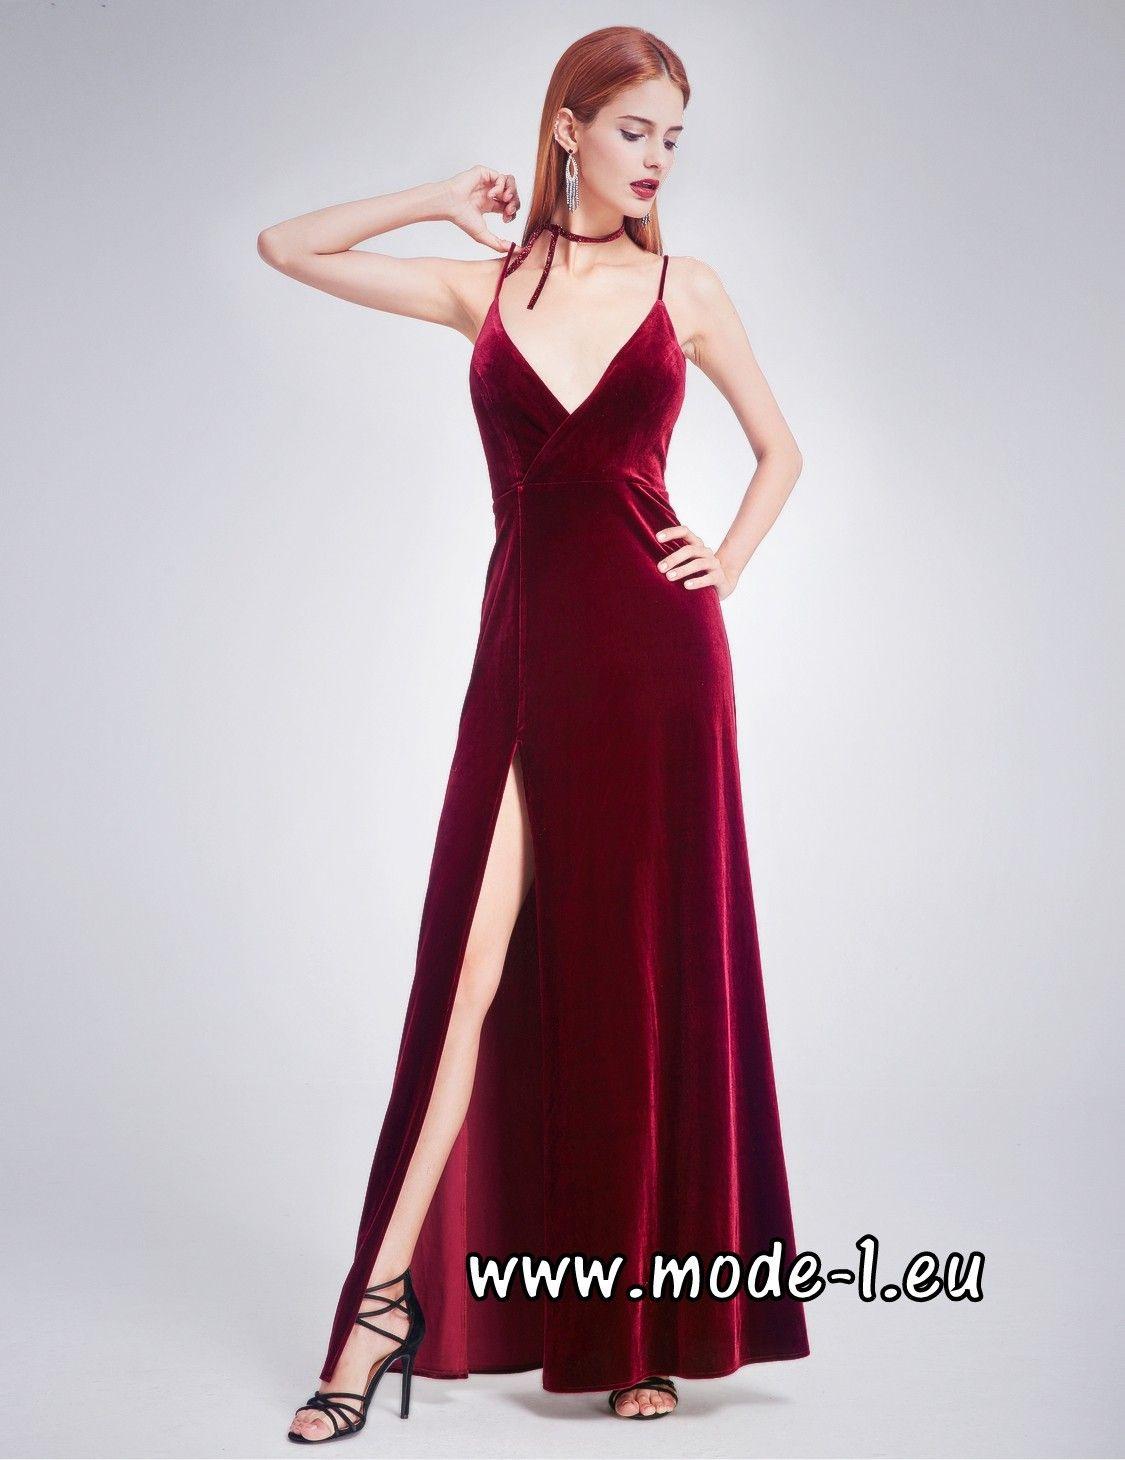 17 Wunderbar Abendkleid Weinrot Boutique Spektakulär Abendkleid Weinrot für 2019